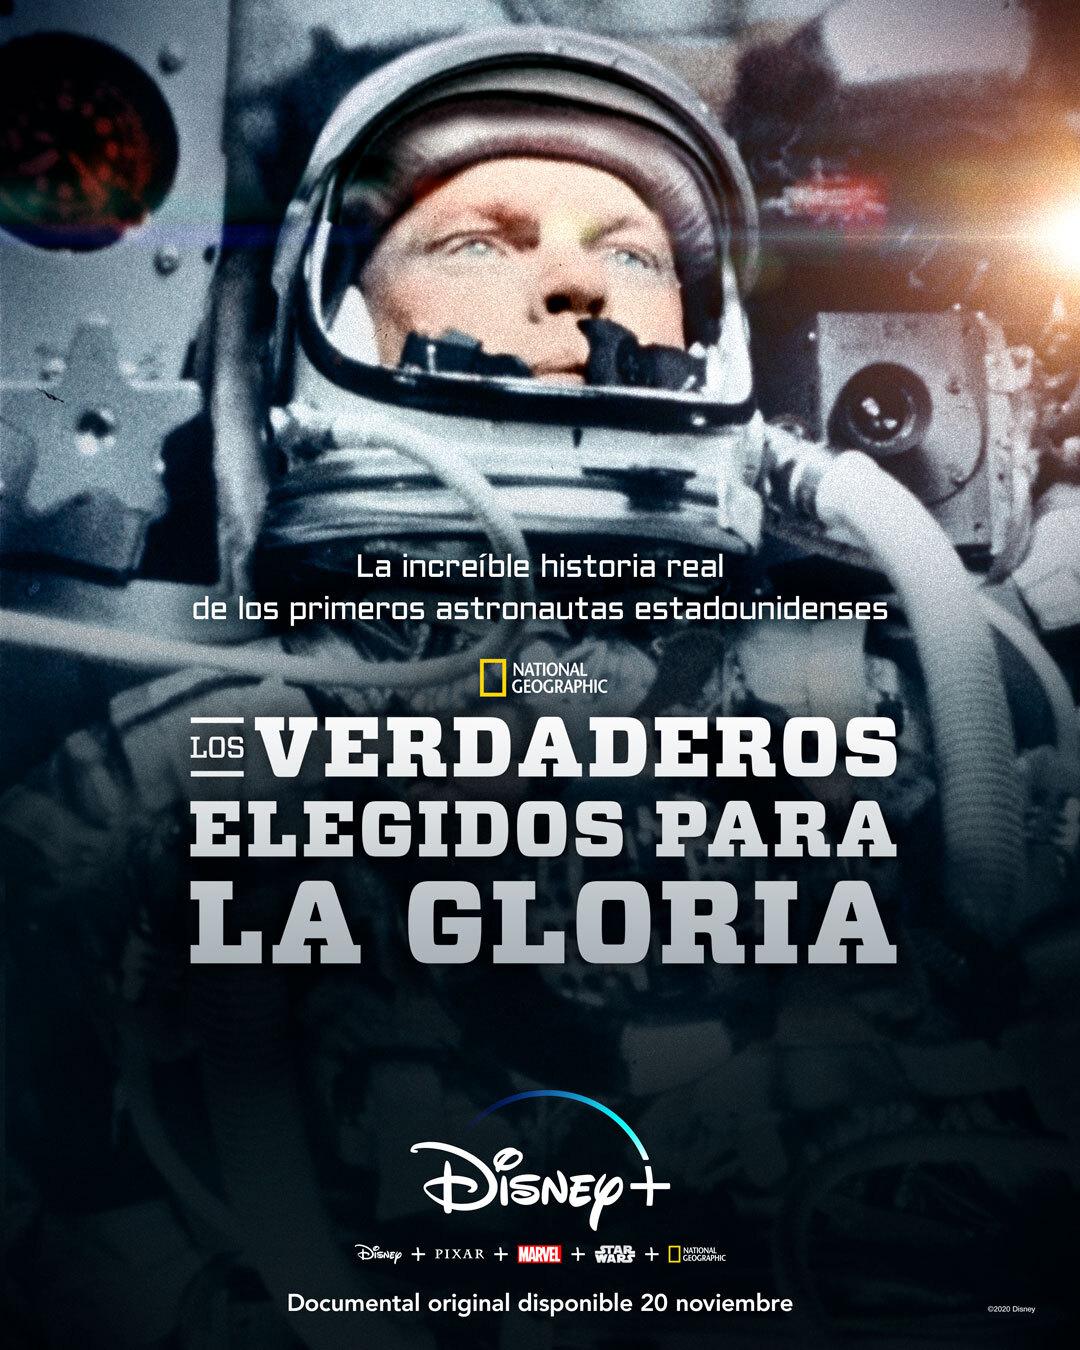 'Los verdaderos elegidos para la Gloria' llegan a Disney + el 20 de noviembre